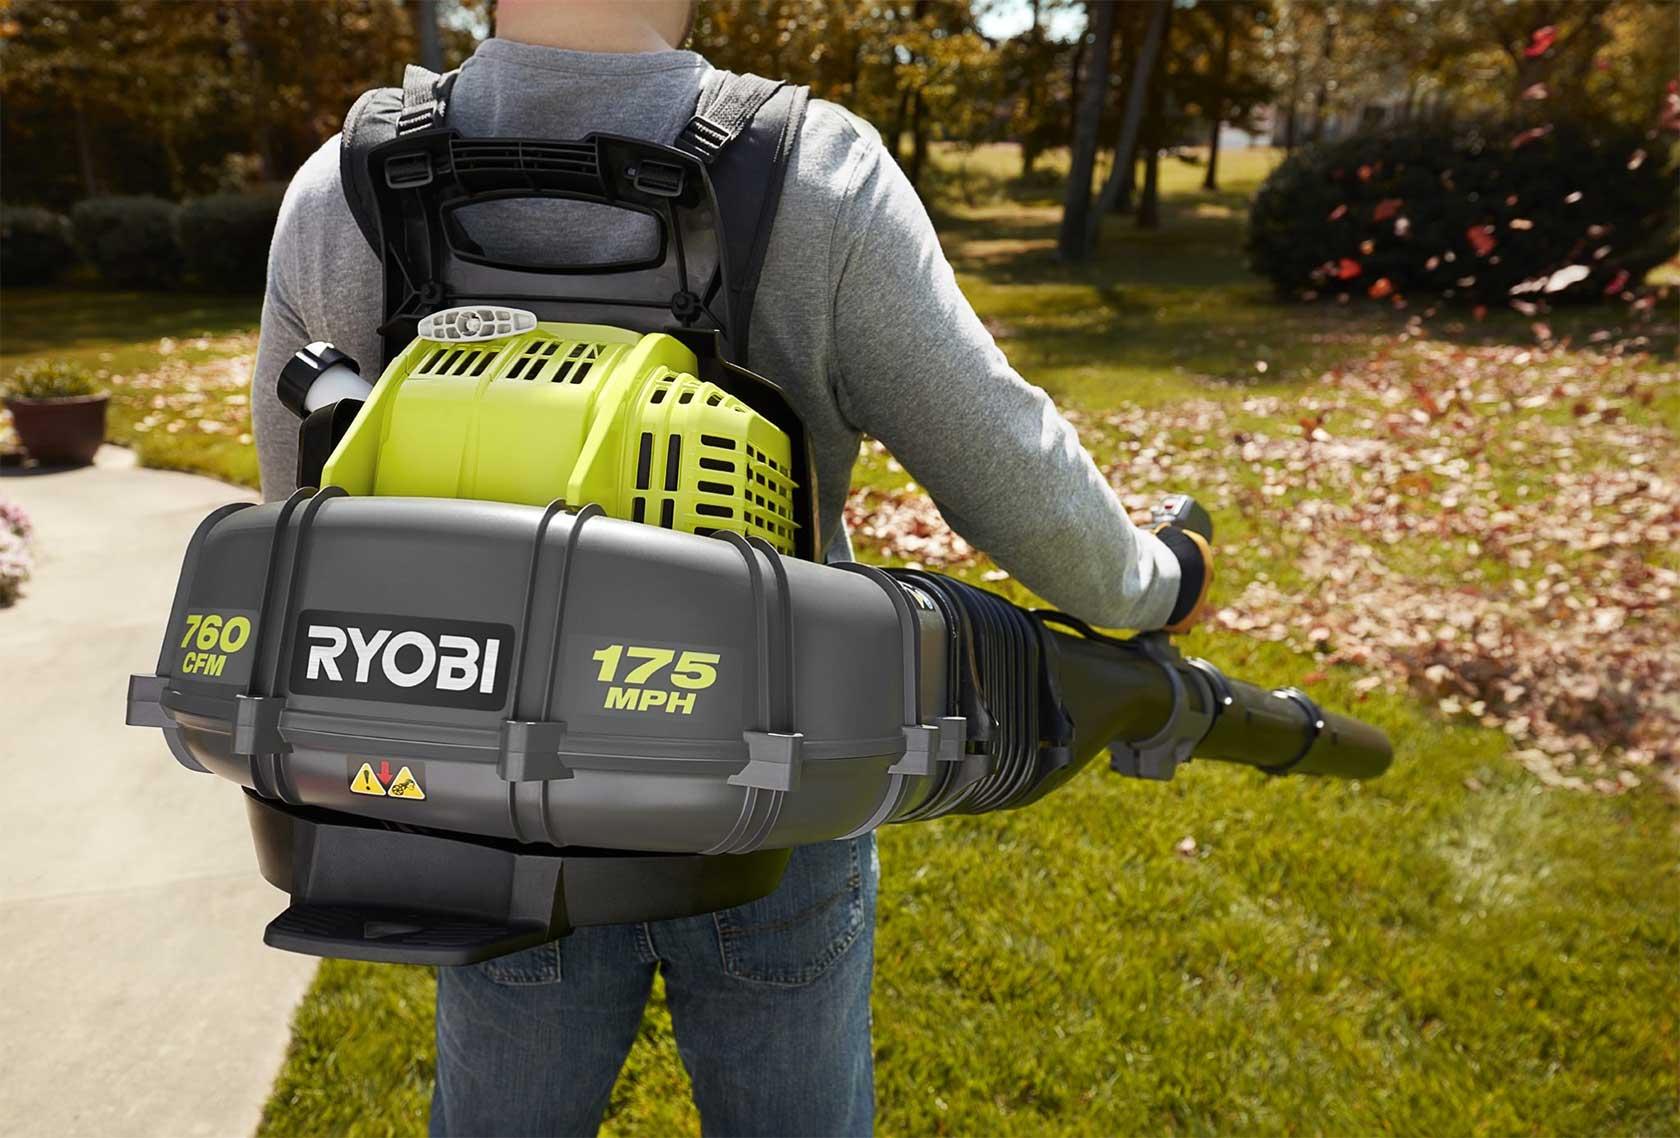 Ryobi Backpack Leaf Blower